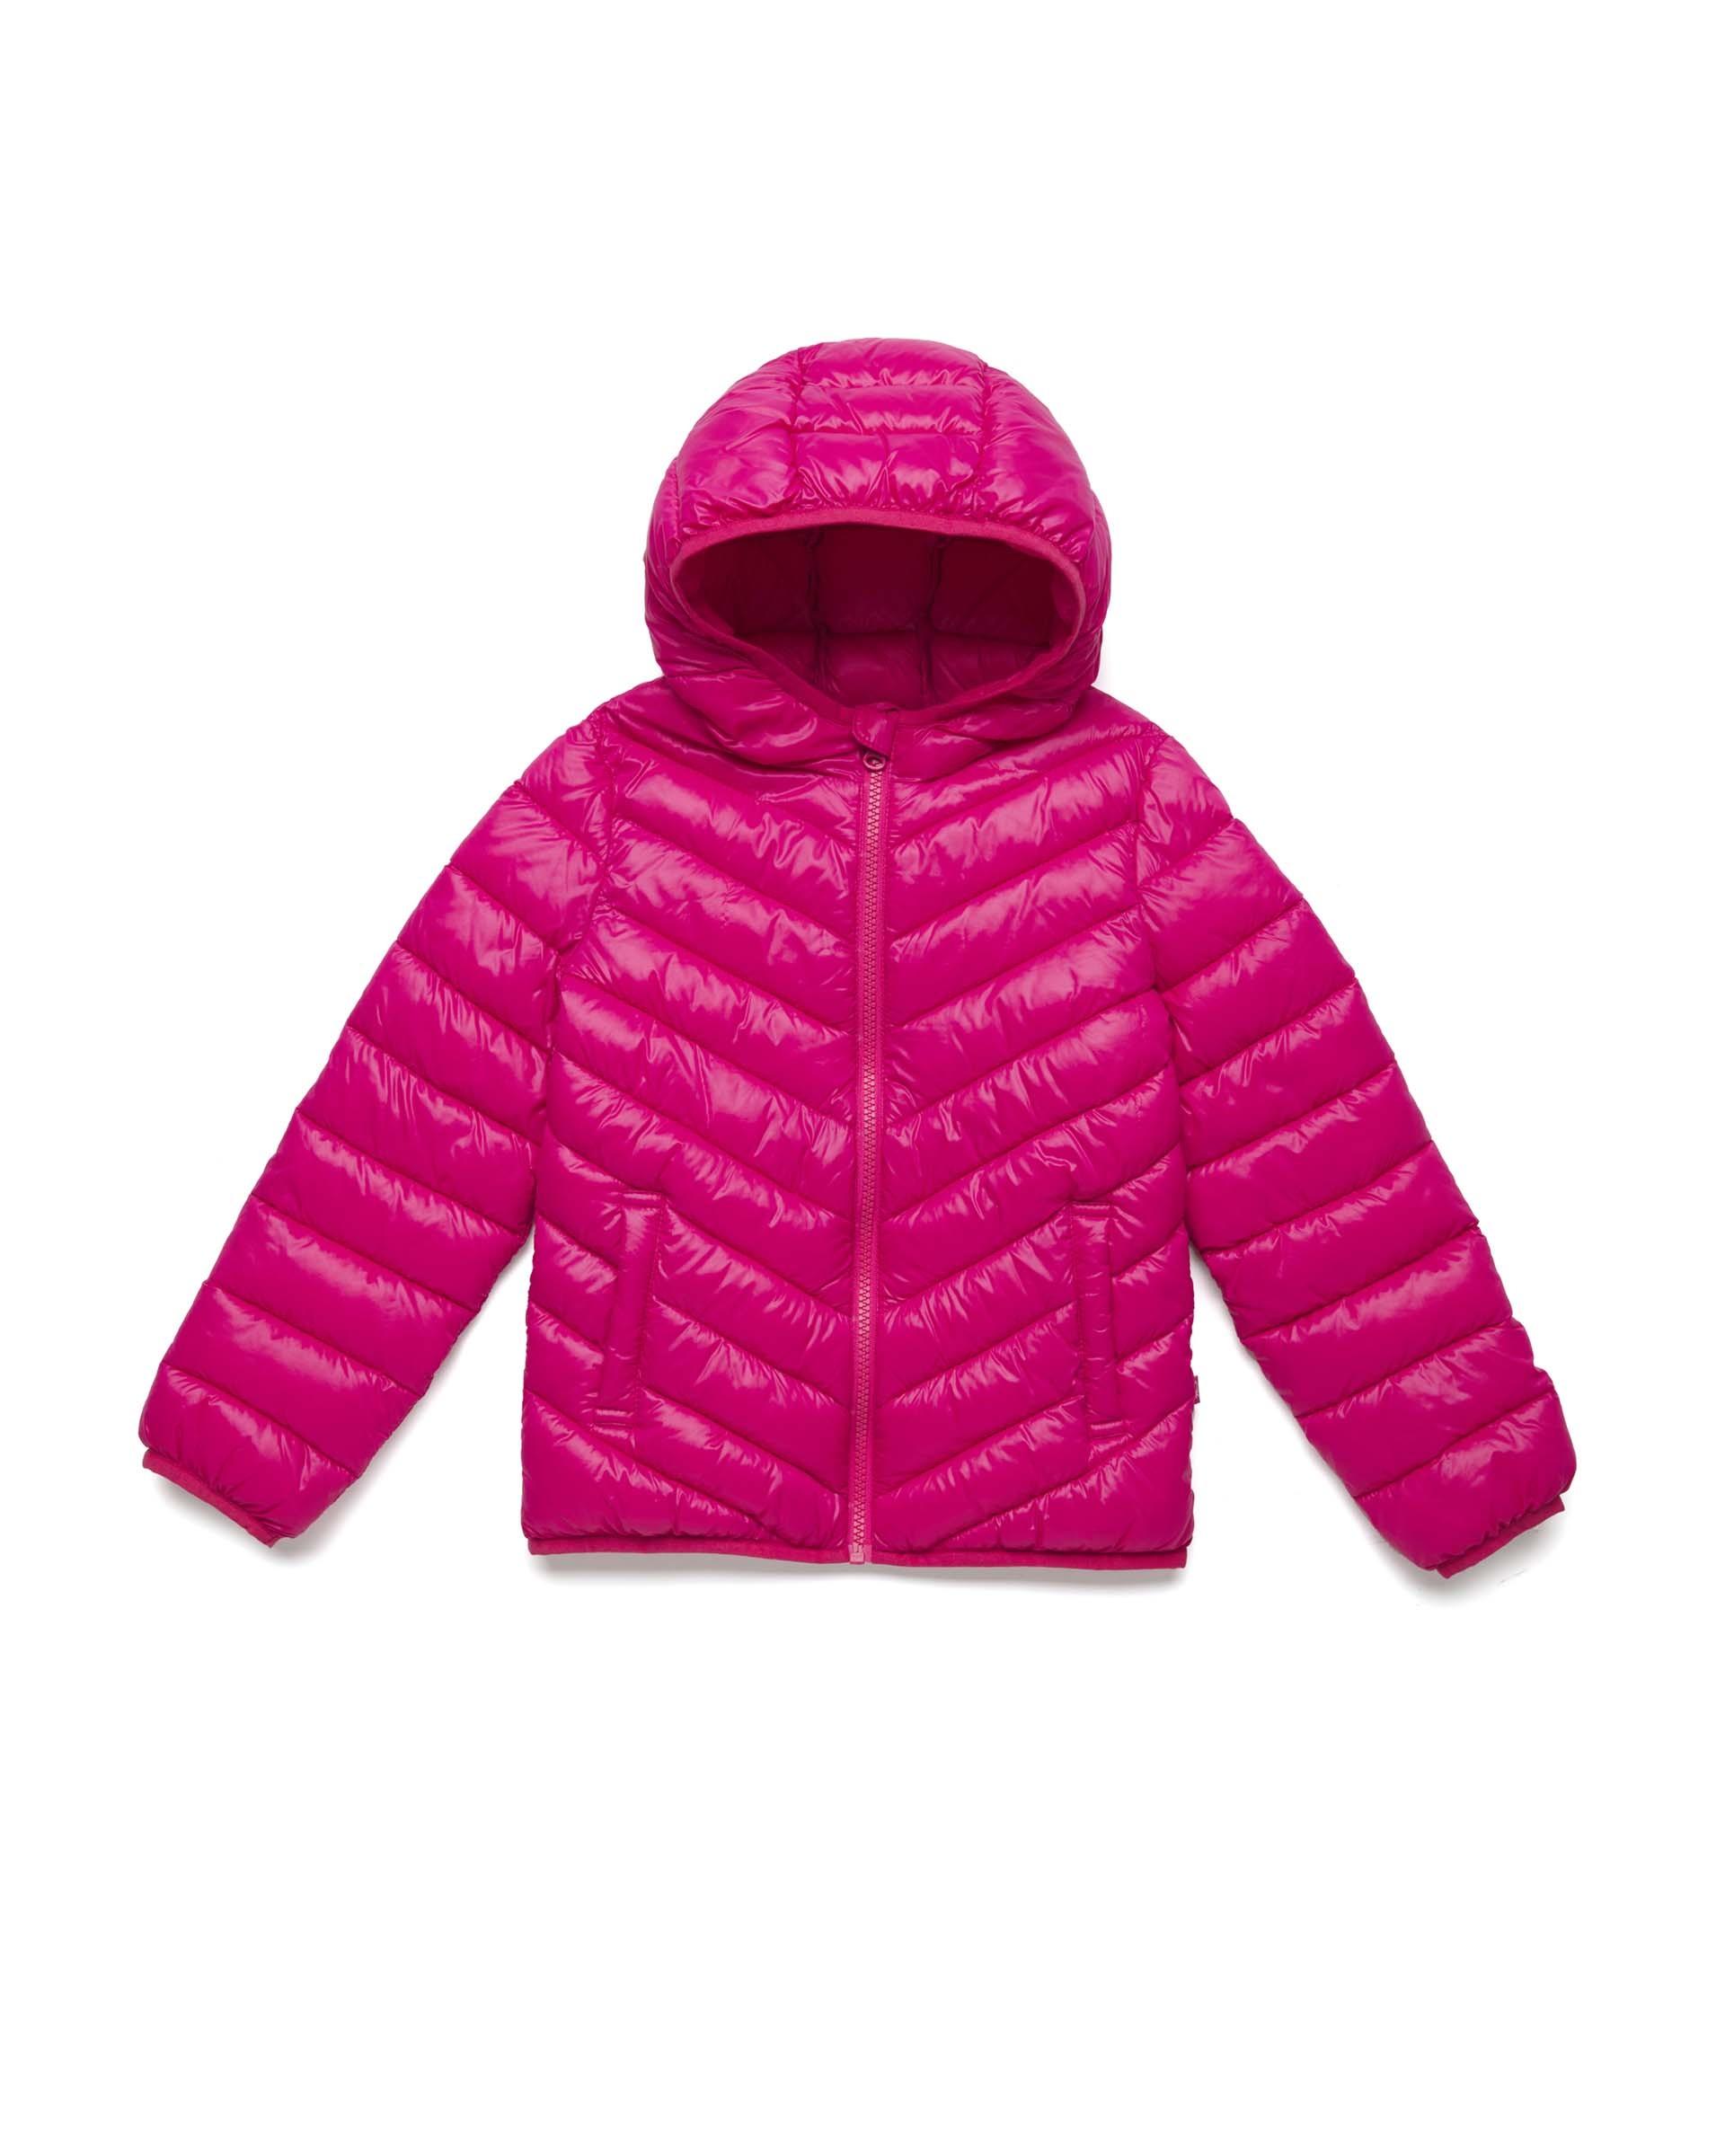 Купить 20P_2RQ453HQ0_2L3, Укороченная куртка для девочек Benetton 2RQ453HQ0_2L3 р-р 140, United Colors of Benetton, Куртки для девочек